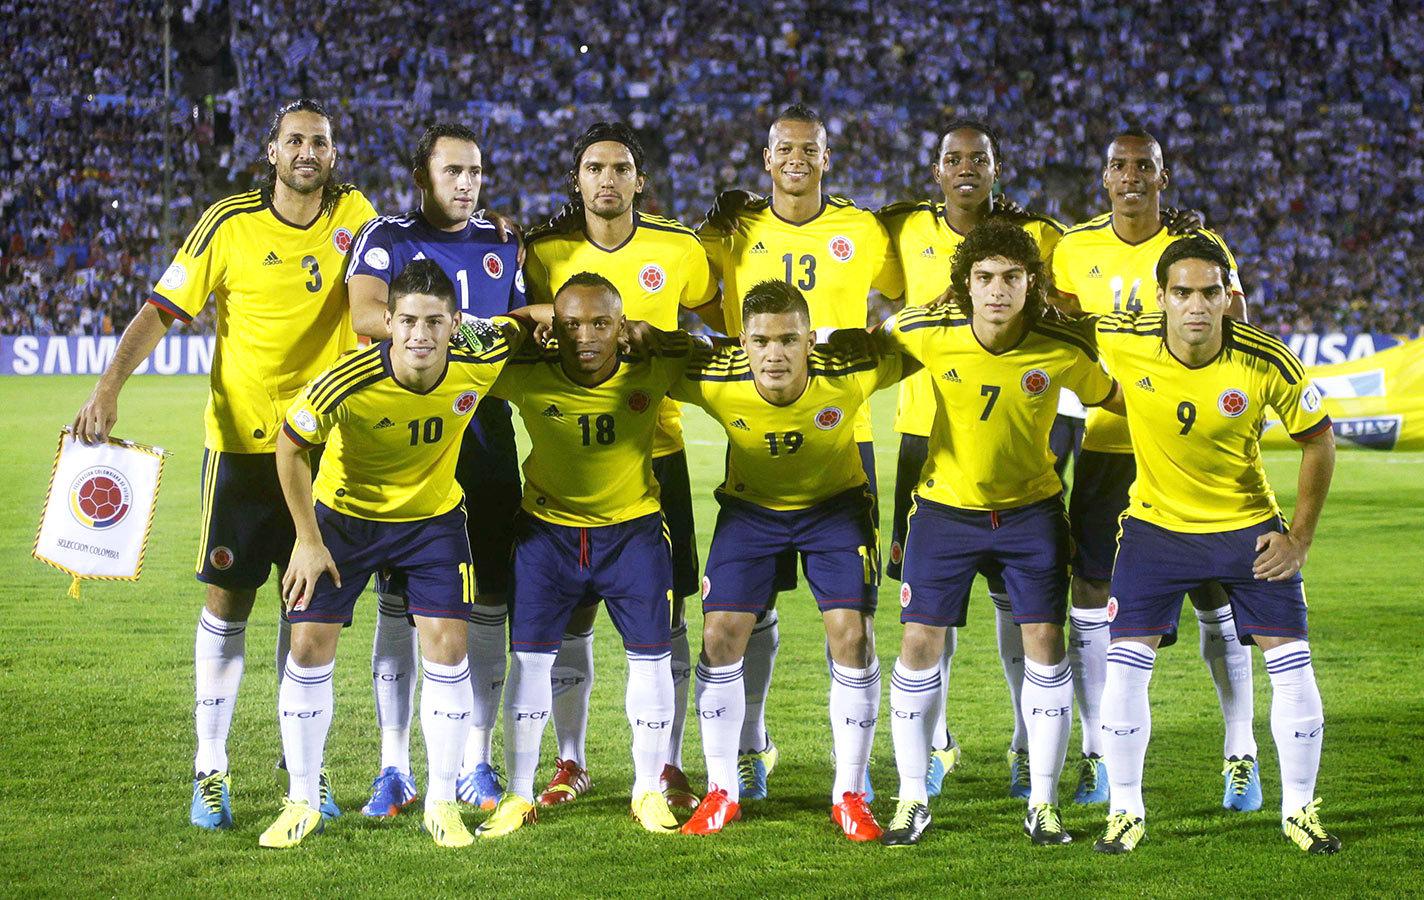 Футбольные картинки сборной колумбии, открытки днем рождения